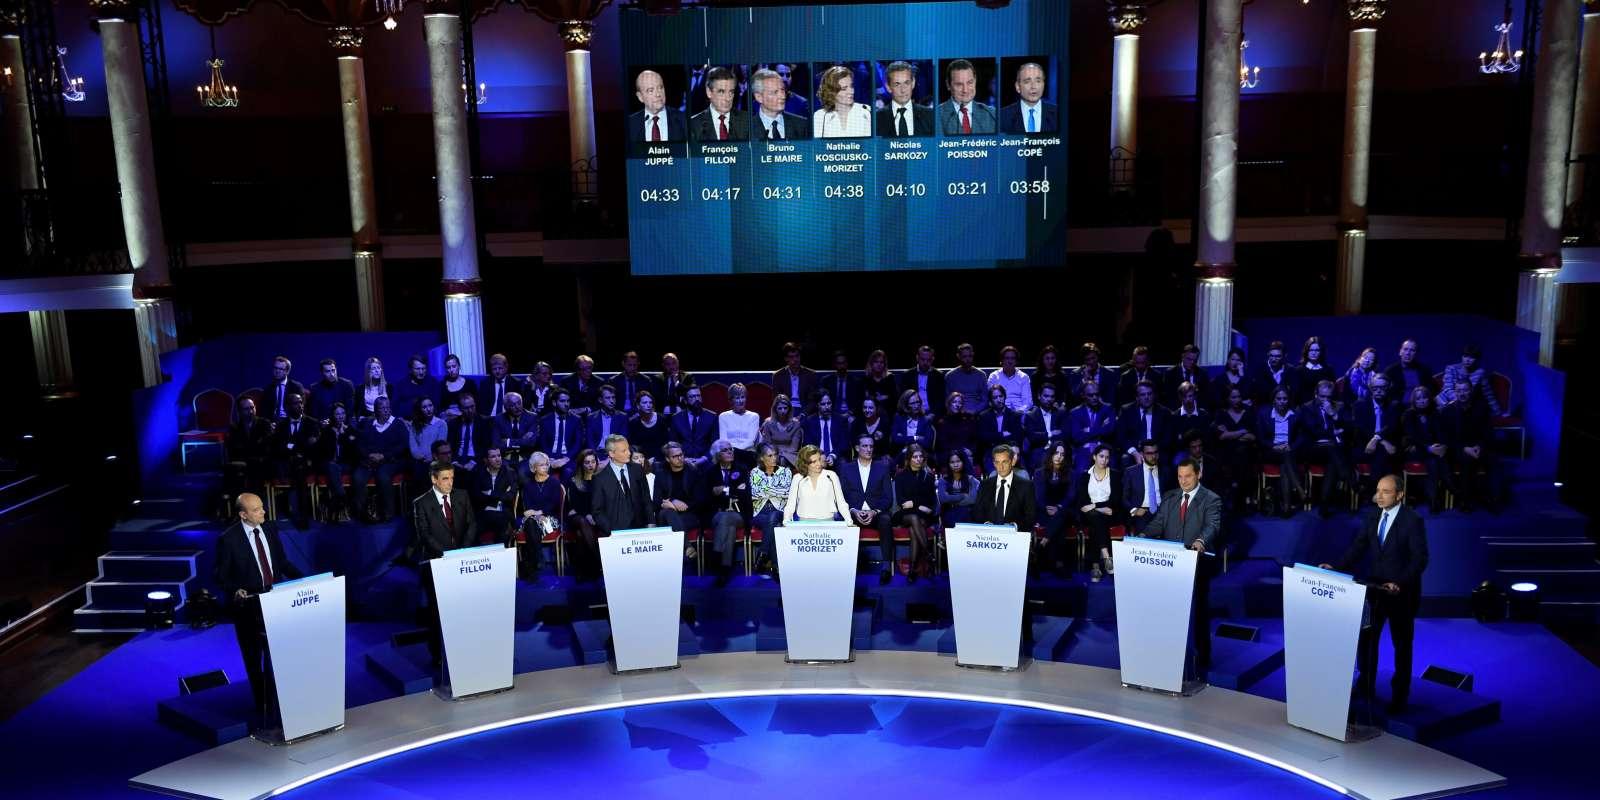 Avant le deuxième débat réunissant les candidats à la primaire de la droite et du centre, le 3 novembre 2016.